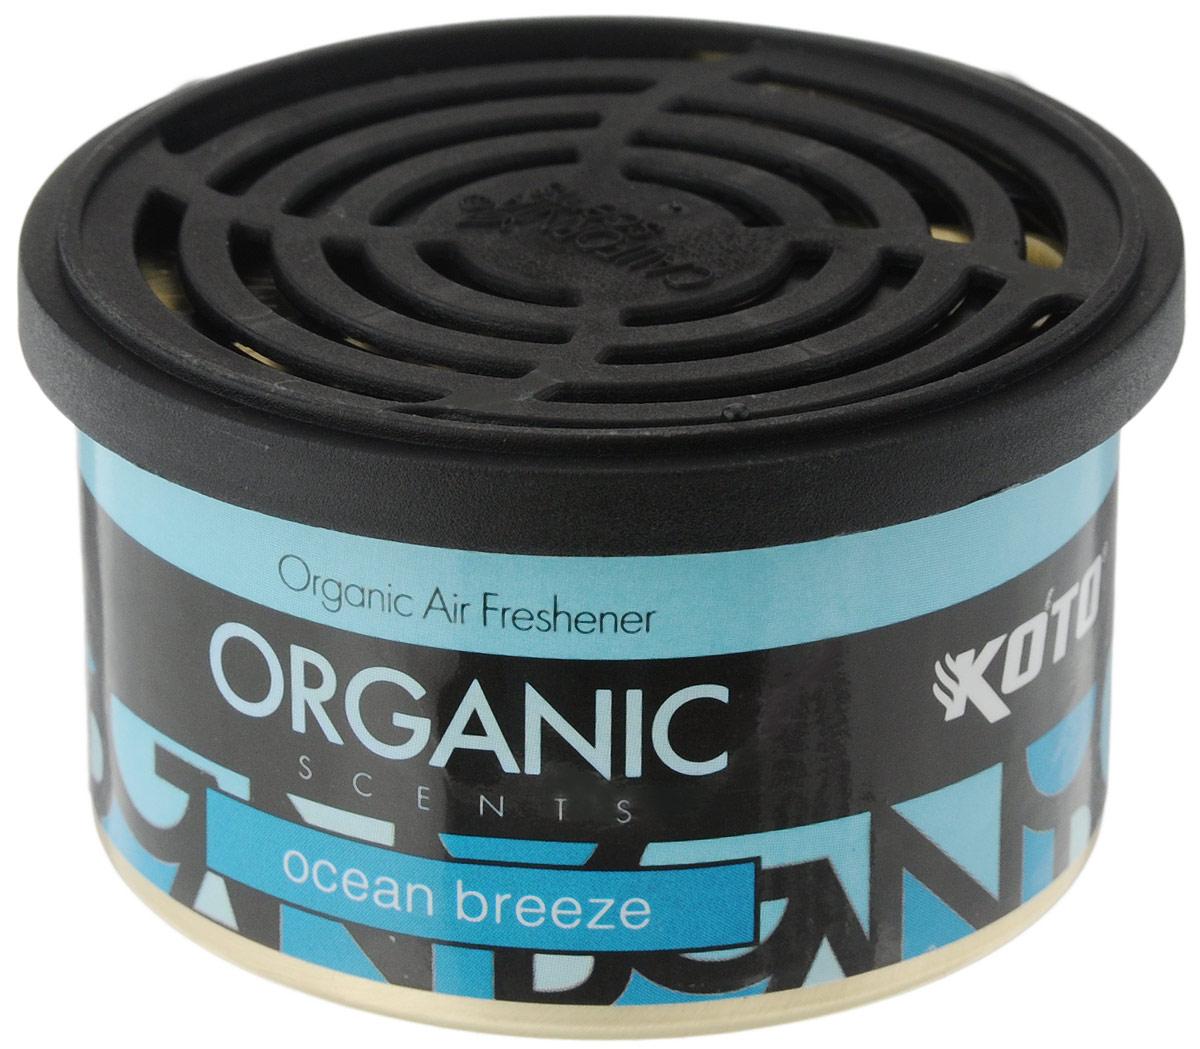 Ароматизатор автомобильный Koto Organic, океанский бризFPO-112Автомобильный ароматизатор Koto Organic эффективно устраняет неприятные запахи и придает приятный аромат океанского бриза. Внутри -- органический наполнитель, который не растекается и не вредит окружающей среде. Ароматизатор имеет удобную крышку-регулятор, так что интенсивность аромата вы сможете настроить сами. Стойкий аромат держится около 60 дней. Ароматизатор может быть расположен как на приборной панели, так и под сиденьем автомобиля. Товар сертифицирован.